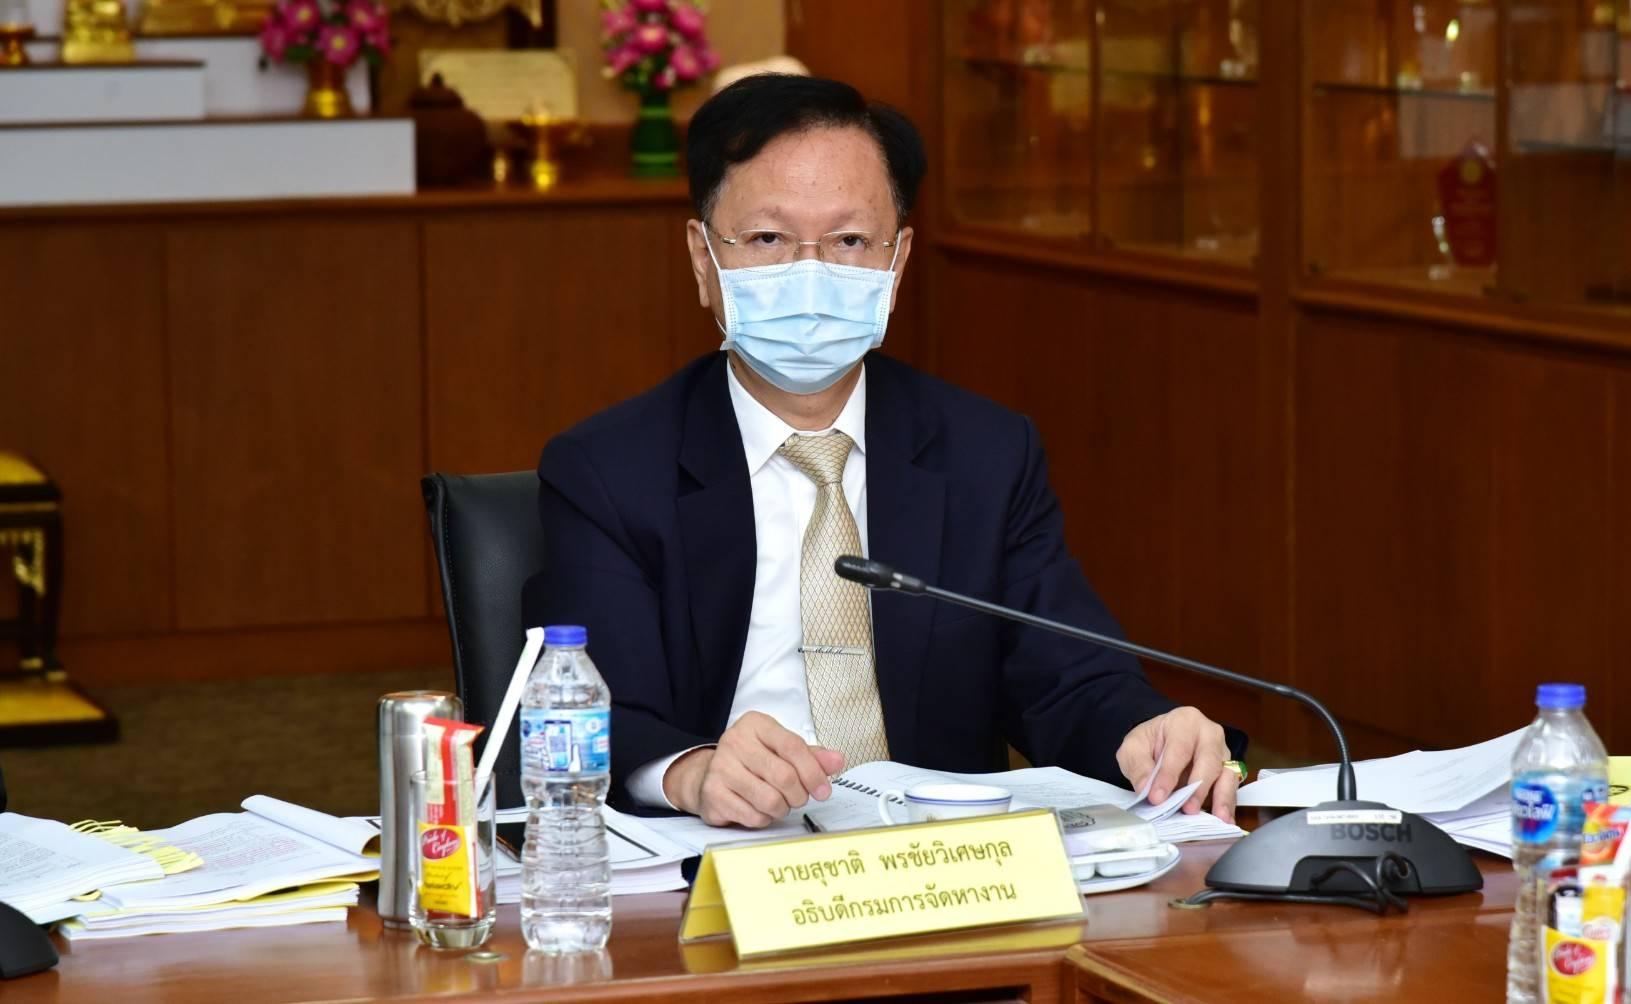 อธิบดีกรมการจัดหางาน ร่วมประชุมคณะกรรมการพิจารณาการดำเนินงานขององค์การเอกชนต่างประเทศ ครั้งที่4/2563